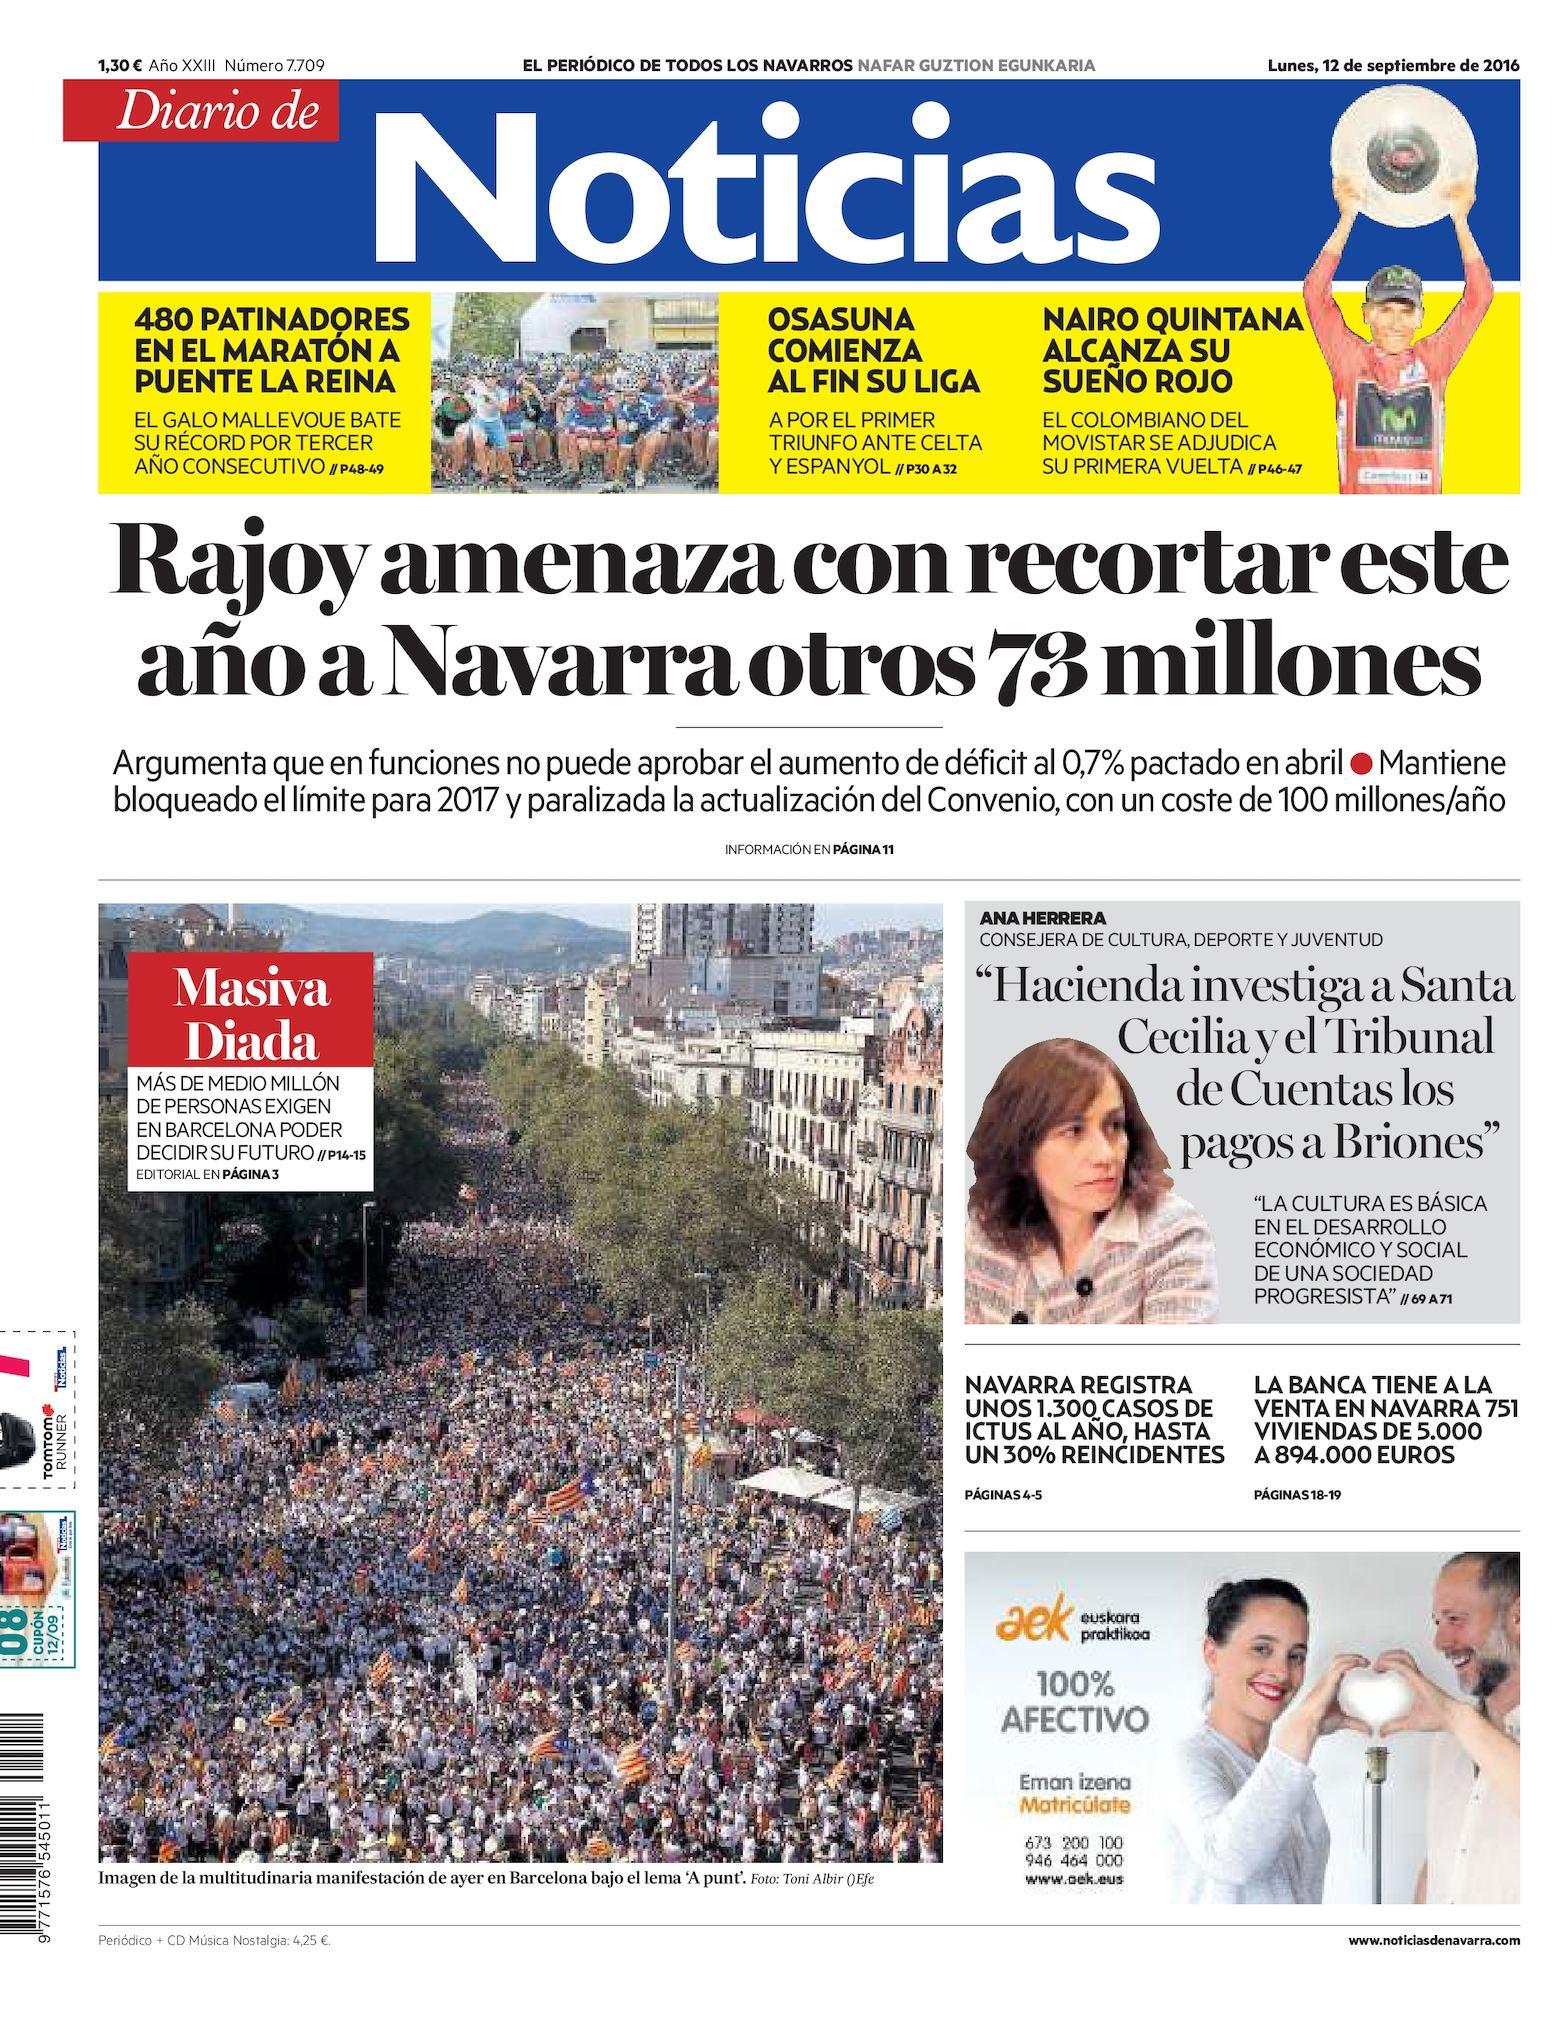 Calaméo Diario De De 20160912 Noticias 20160912 Noticias Diario Calaméo P1rPXqw